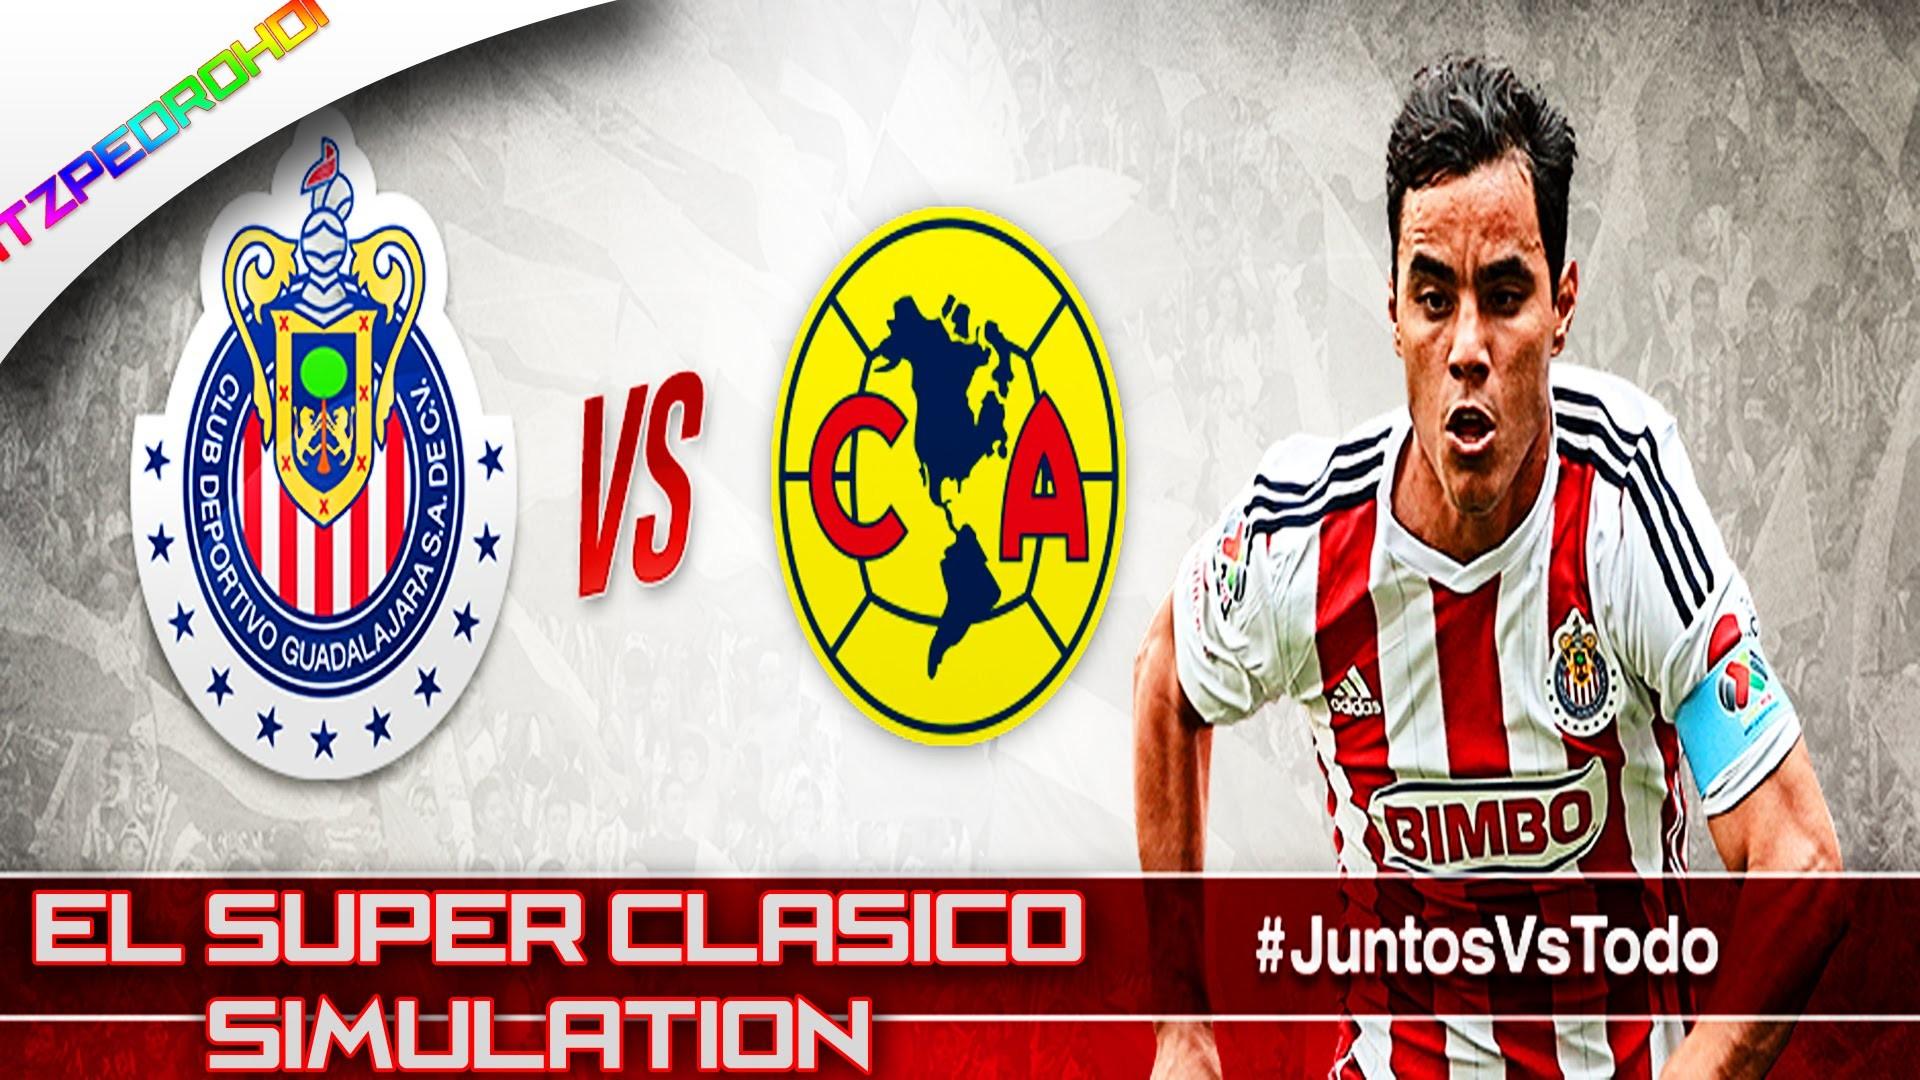 FIFA 15 Chivas Vs America Super Clasico Simulation ( Mexican Commentators )